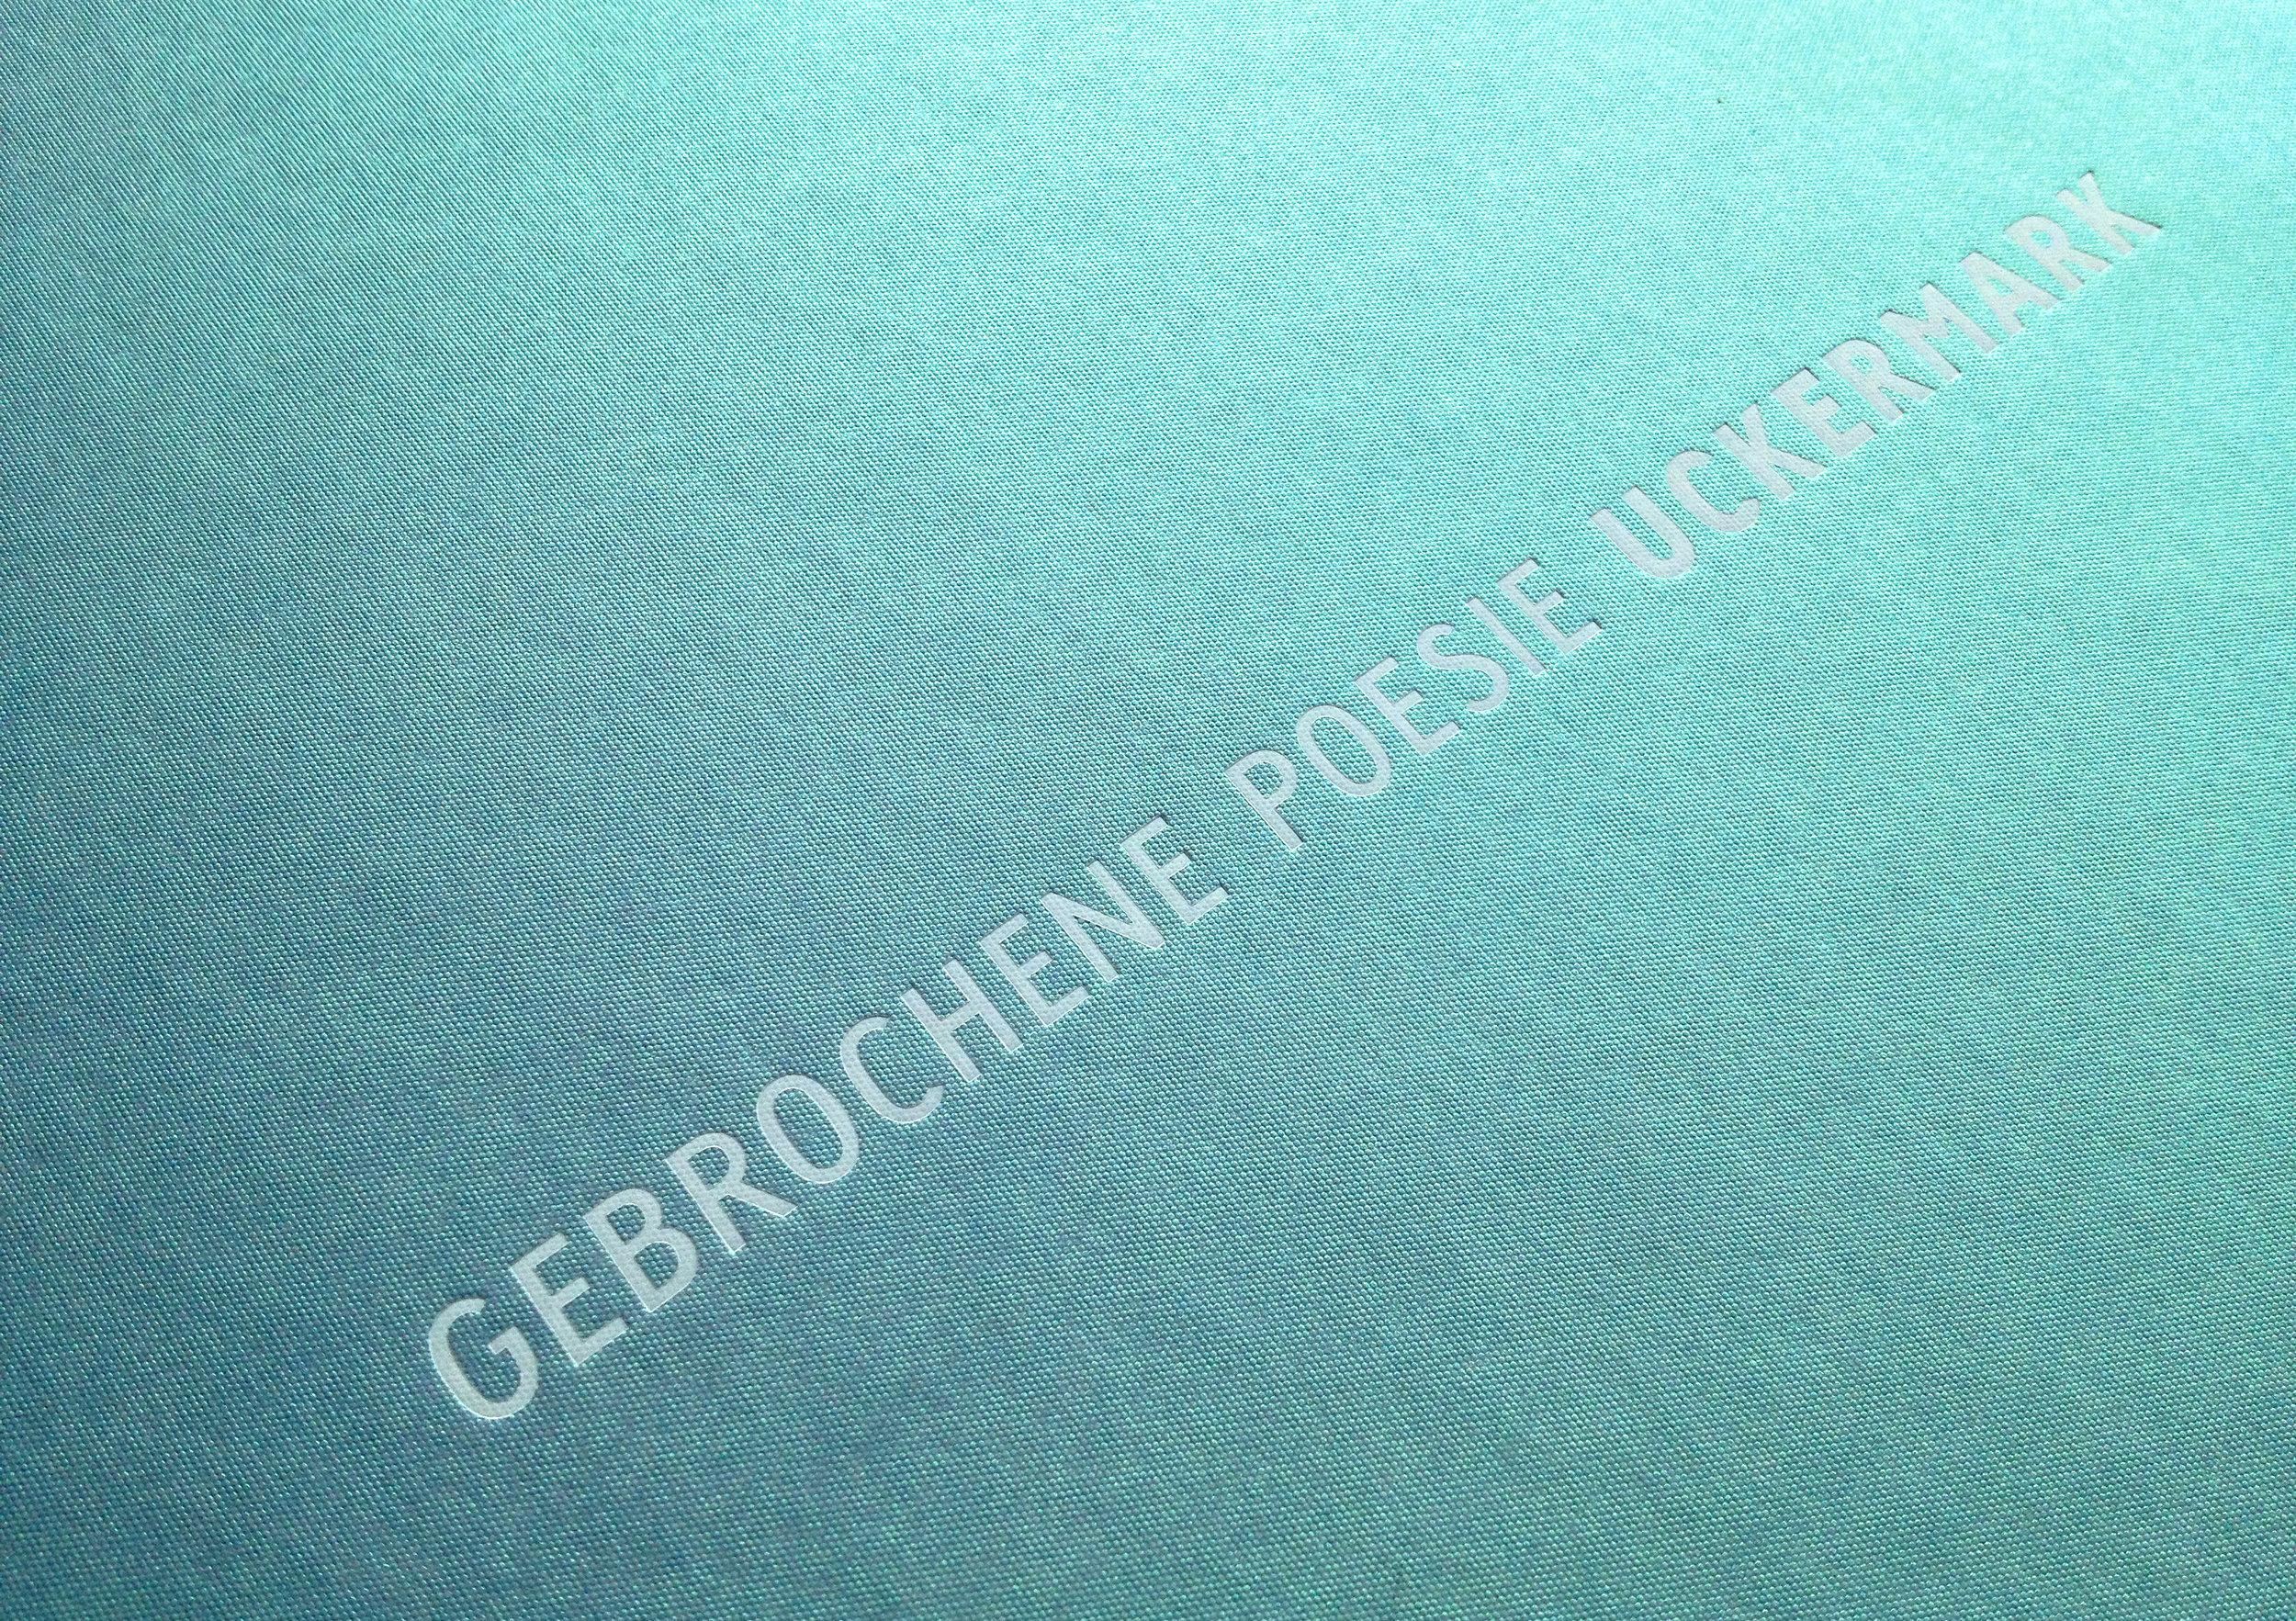 Heißfolienprägung auf dem Cover der Offset-Edition